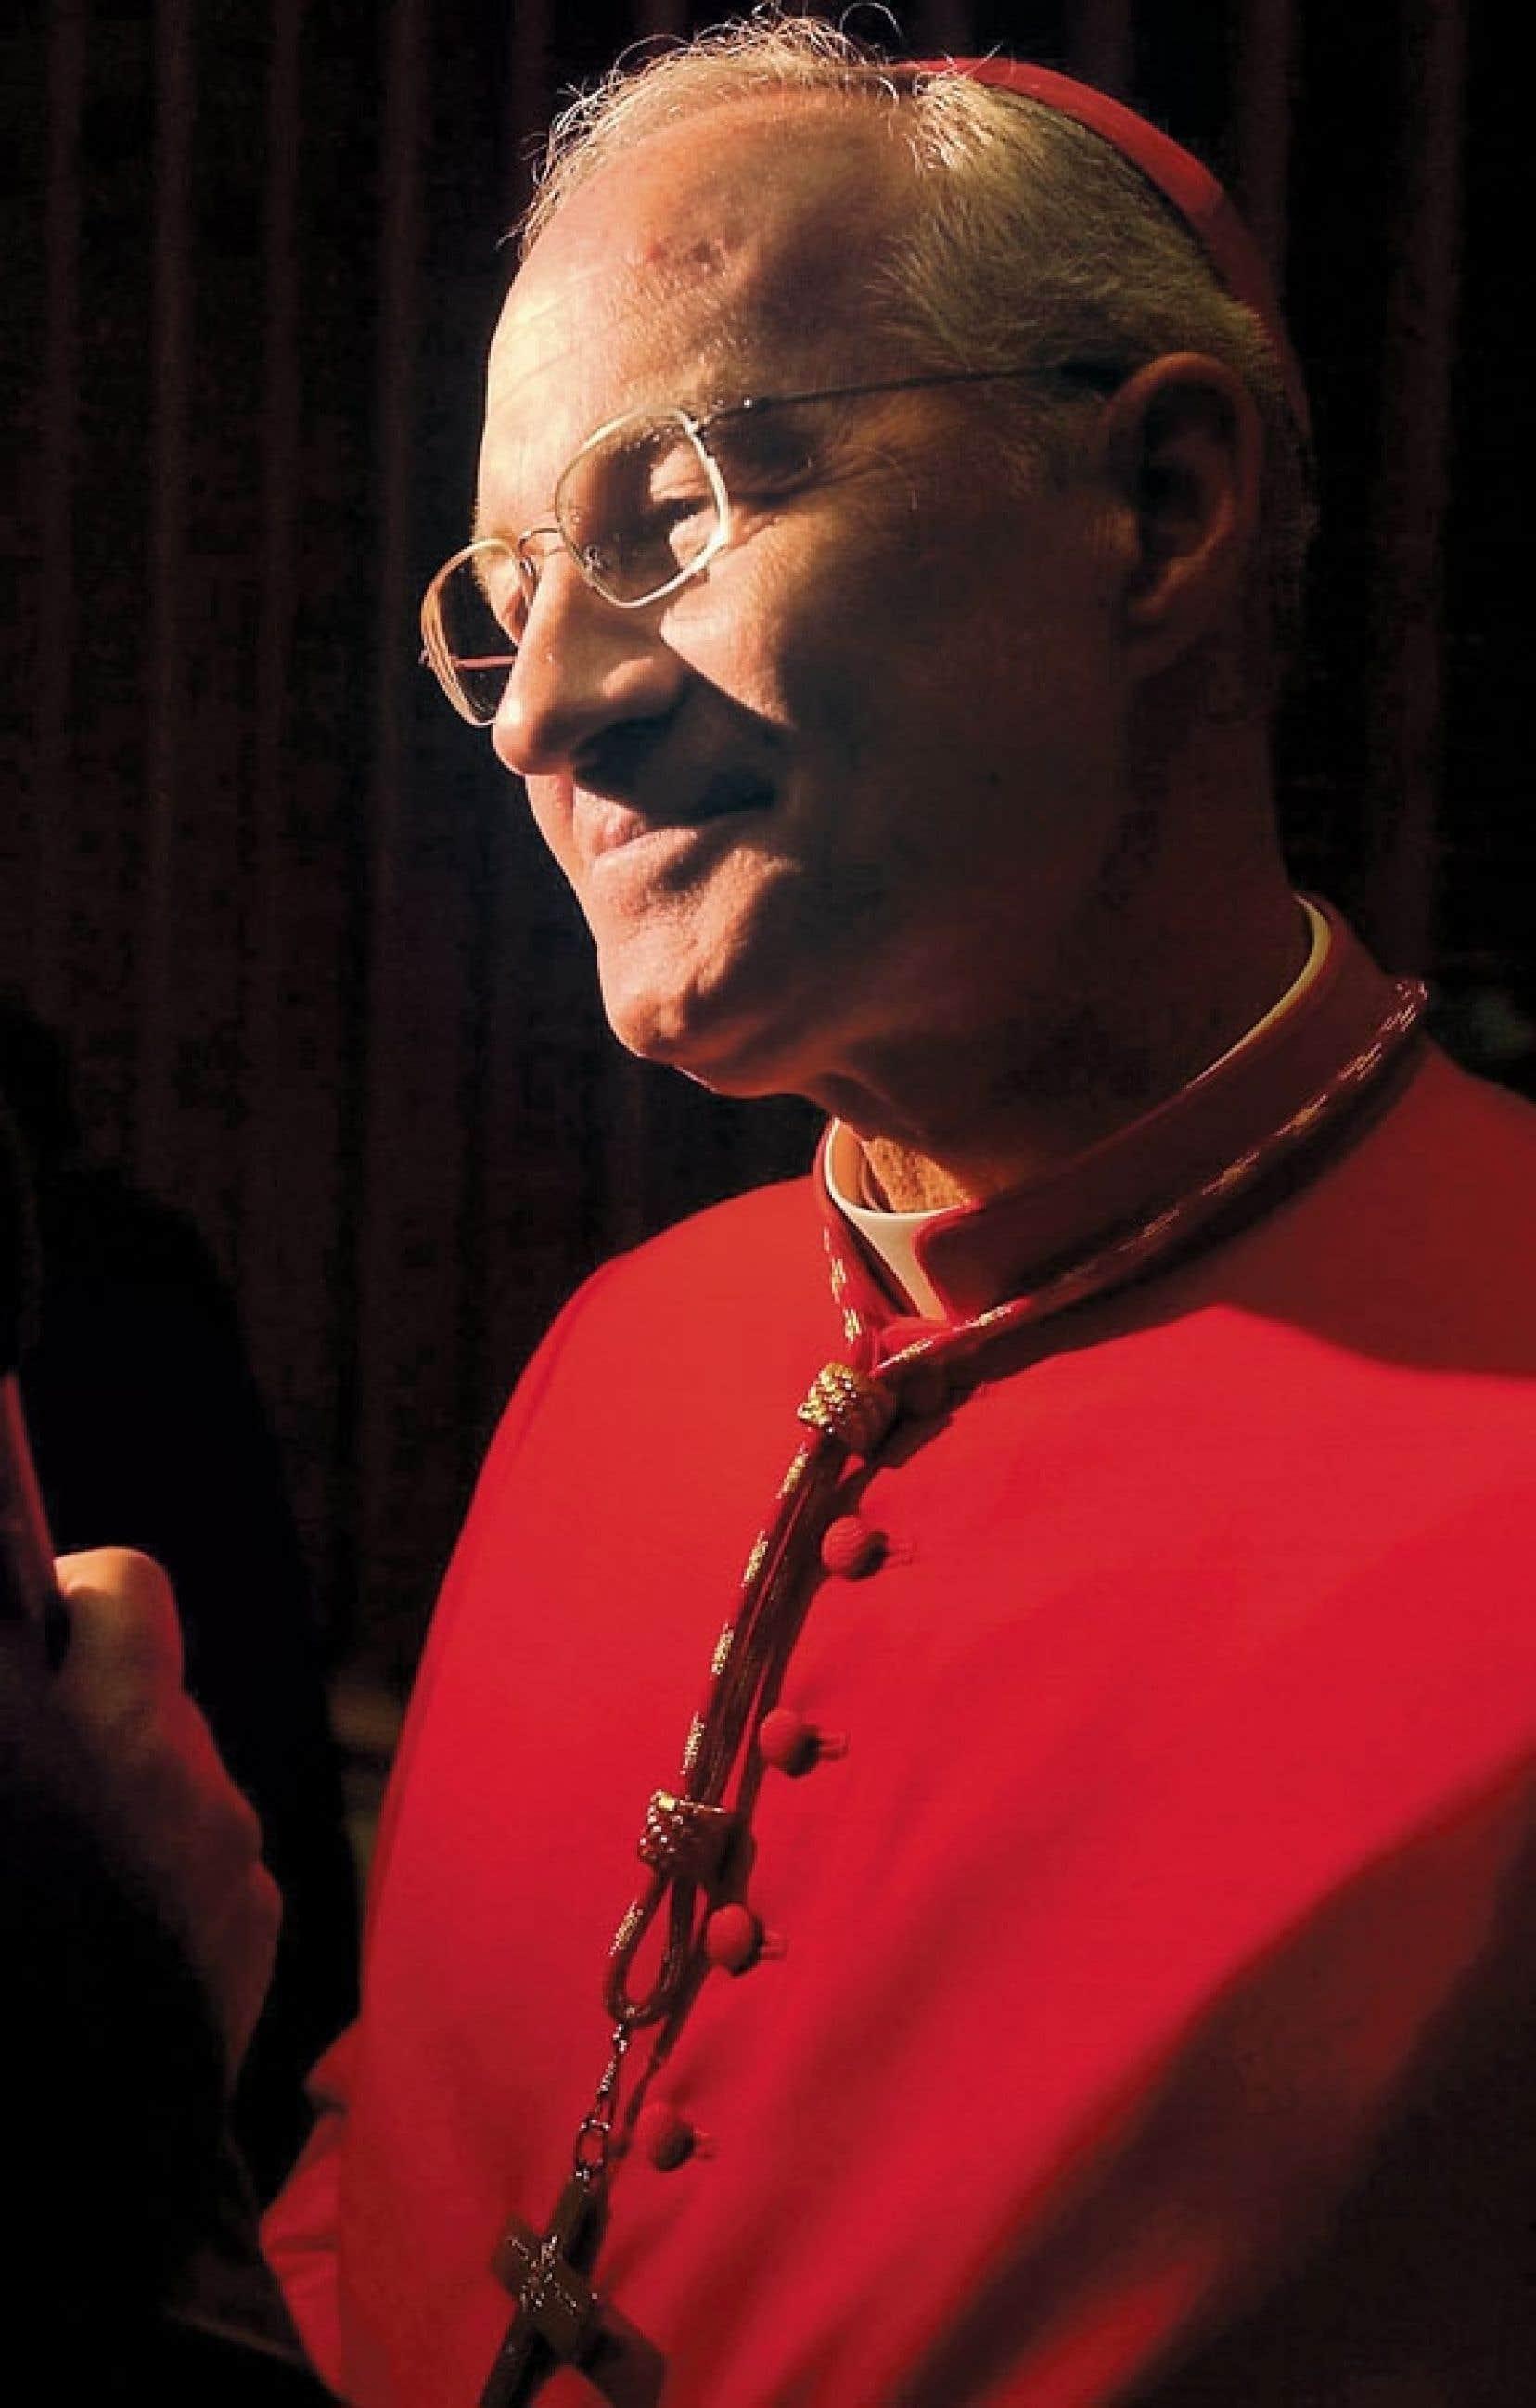 <div> Monseigneur Marc Ouellet a &eacute;t&eacute; nomm&eacute; cardinal par le pape Jean-Paul II en 2003.</div>